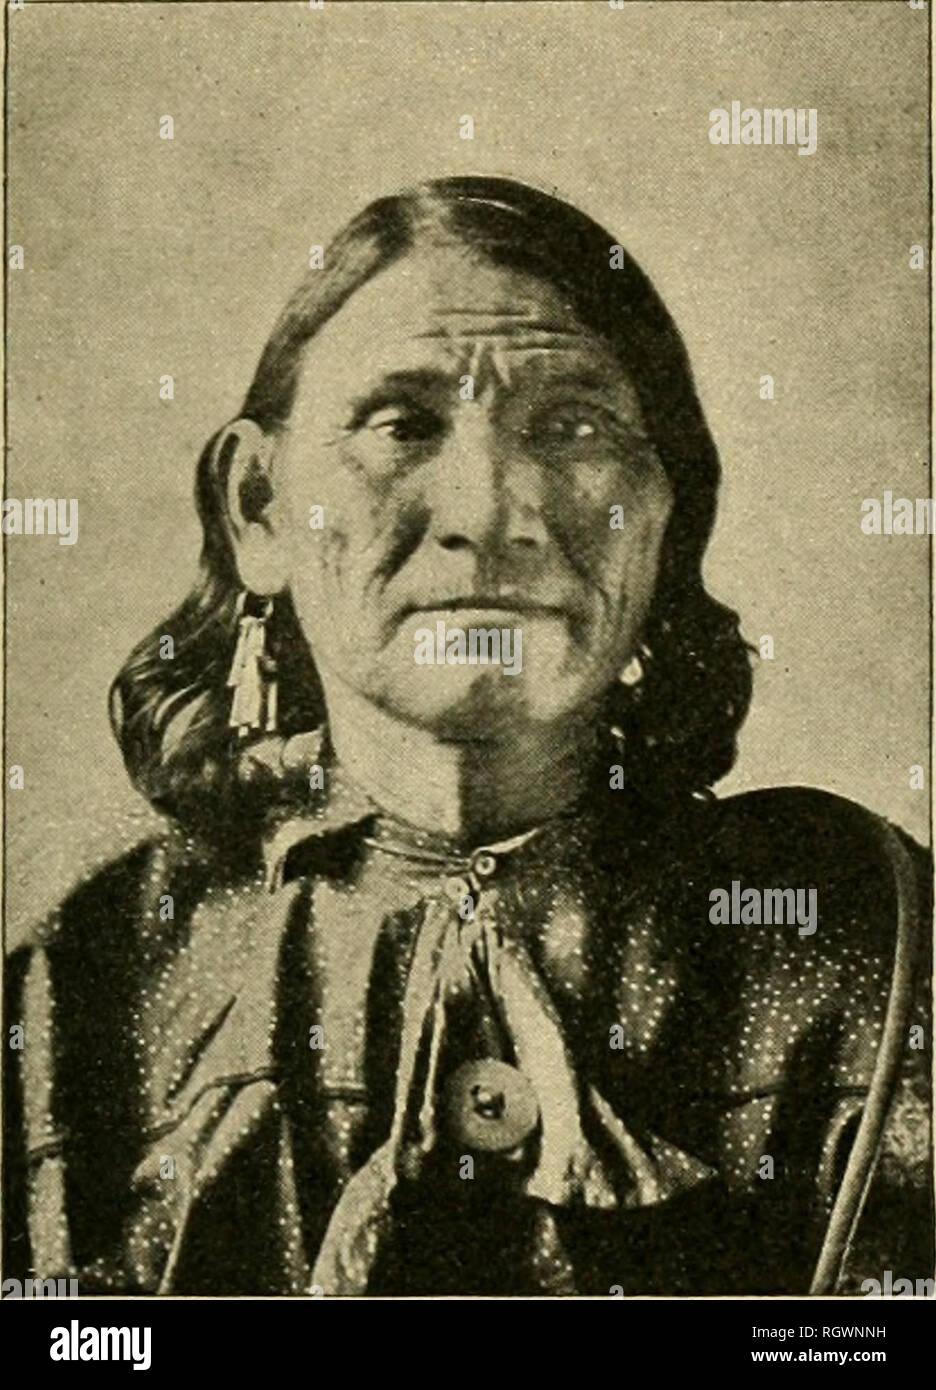 . Boletín. Etnología. Toro. 30] DELAWAEE 385 hombres, descienden varios conocidos familias de Wisconsin y Minnesota. (C. T.) de Delaware. Una confederación, antiguamente el más importante de los Algonquian stock, ocupando toda la cuenca de Delaware r. en K. Pennsylvania y s. e. Nueva York, junto con la mayor parte de Nueva Jersey y Delaware. Se llamaron a sí mismos Tliey Leni Lenape Lenapeor-, equivalente a los hombres, 'real' o 'nativos, hombres verdaderos'; el Eng- hsh conocía como Delawares, desde el nombre de su río principal, el llamado Frencli Loups, 'Lobos', un término probablemente aplicado originalmente a la ma- hic Foto de stock